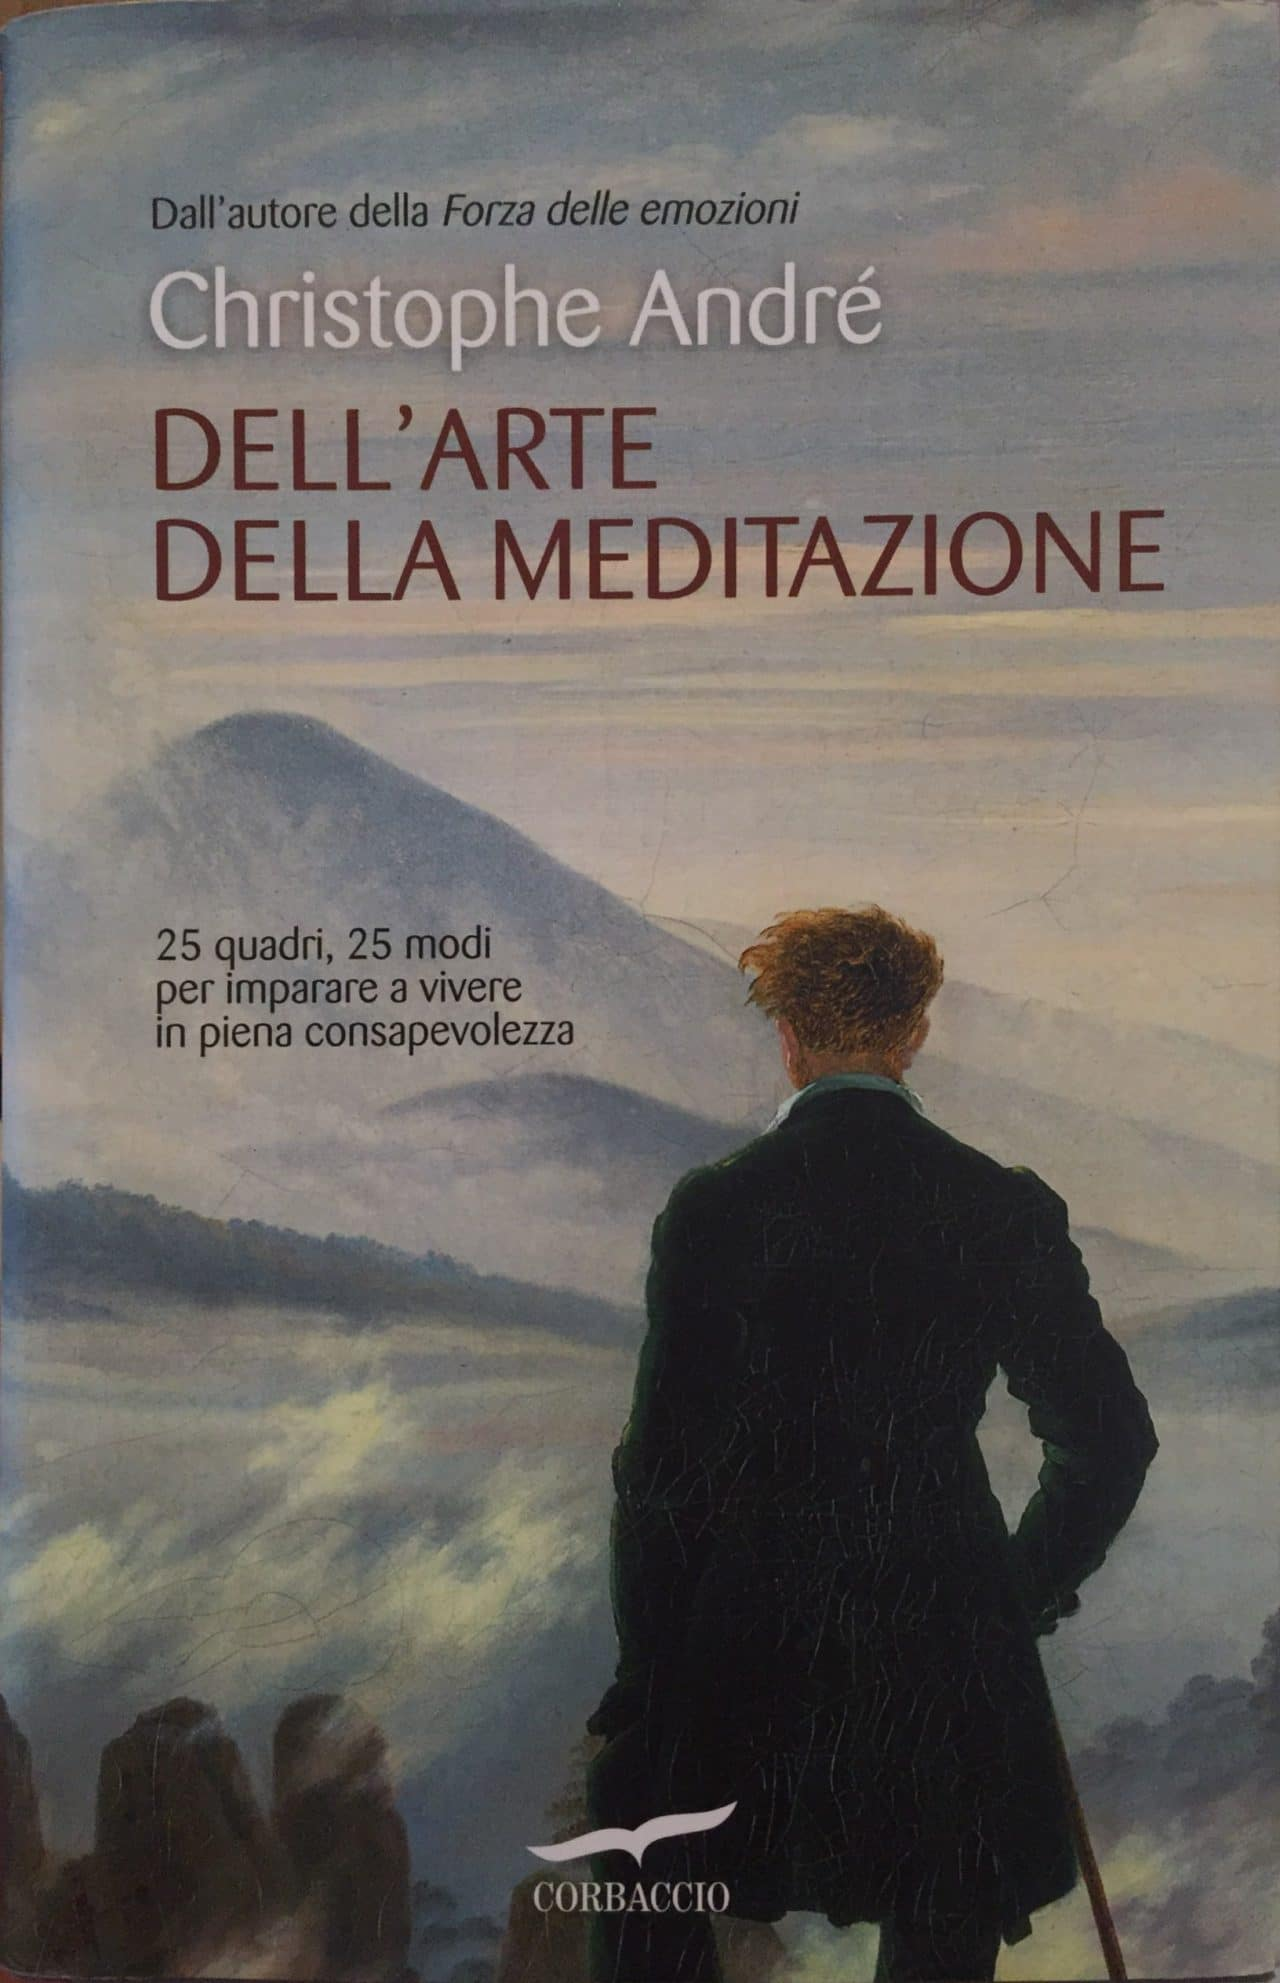 Dell'Arte Della Meditazione